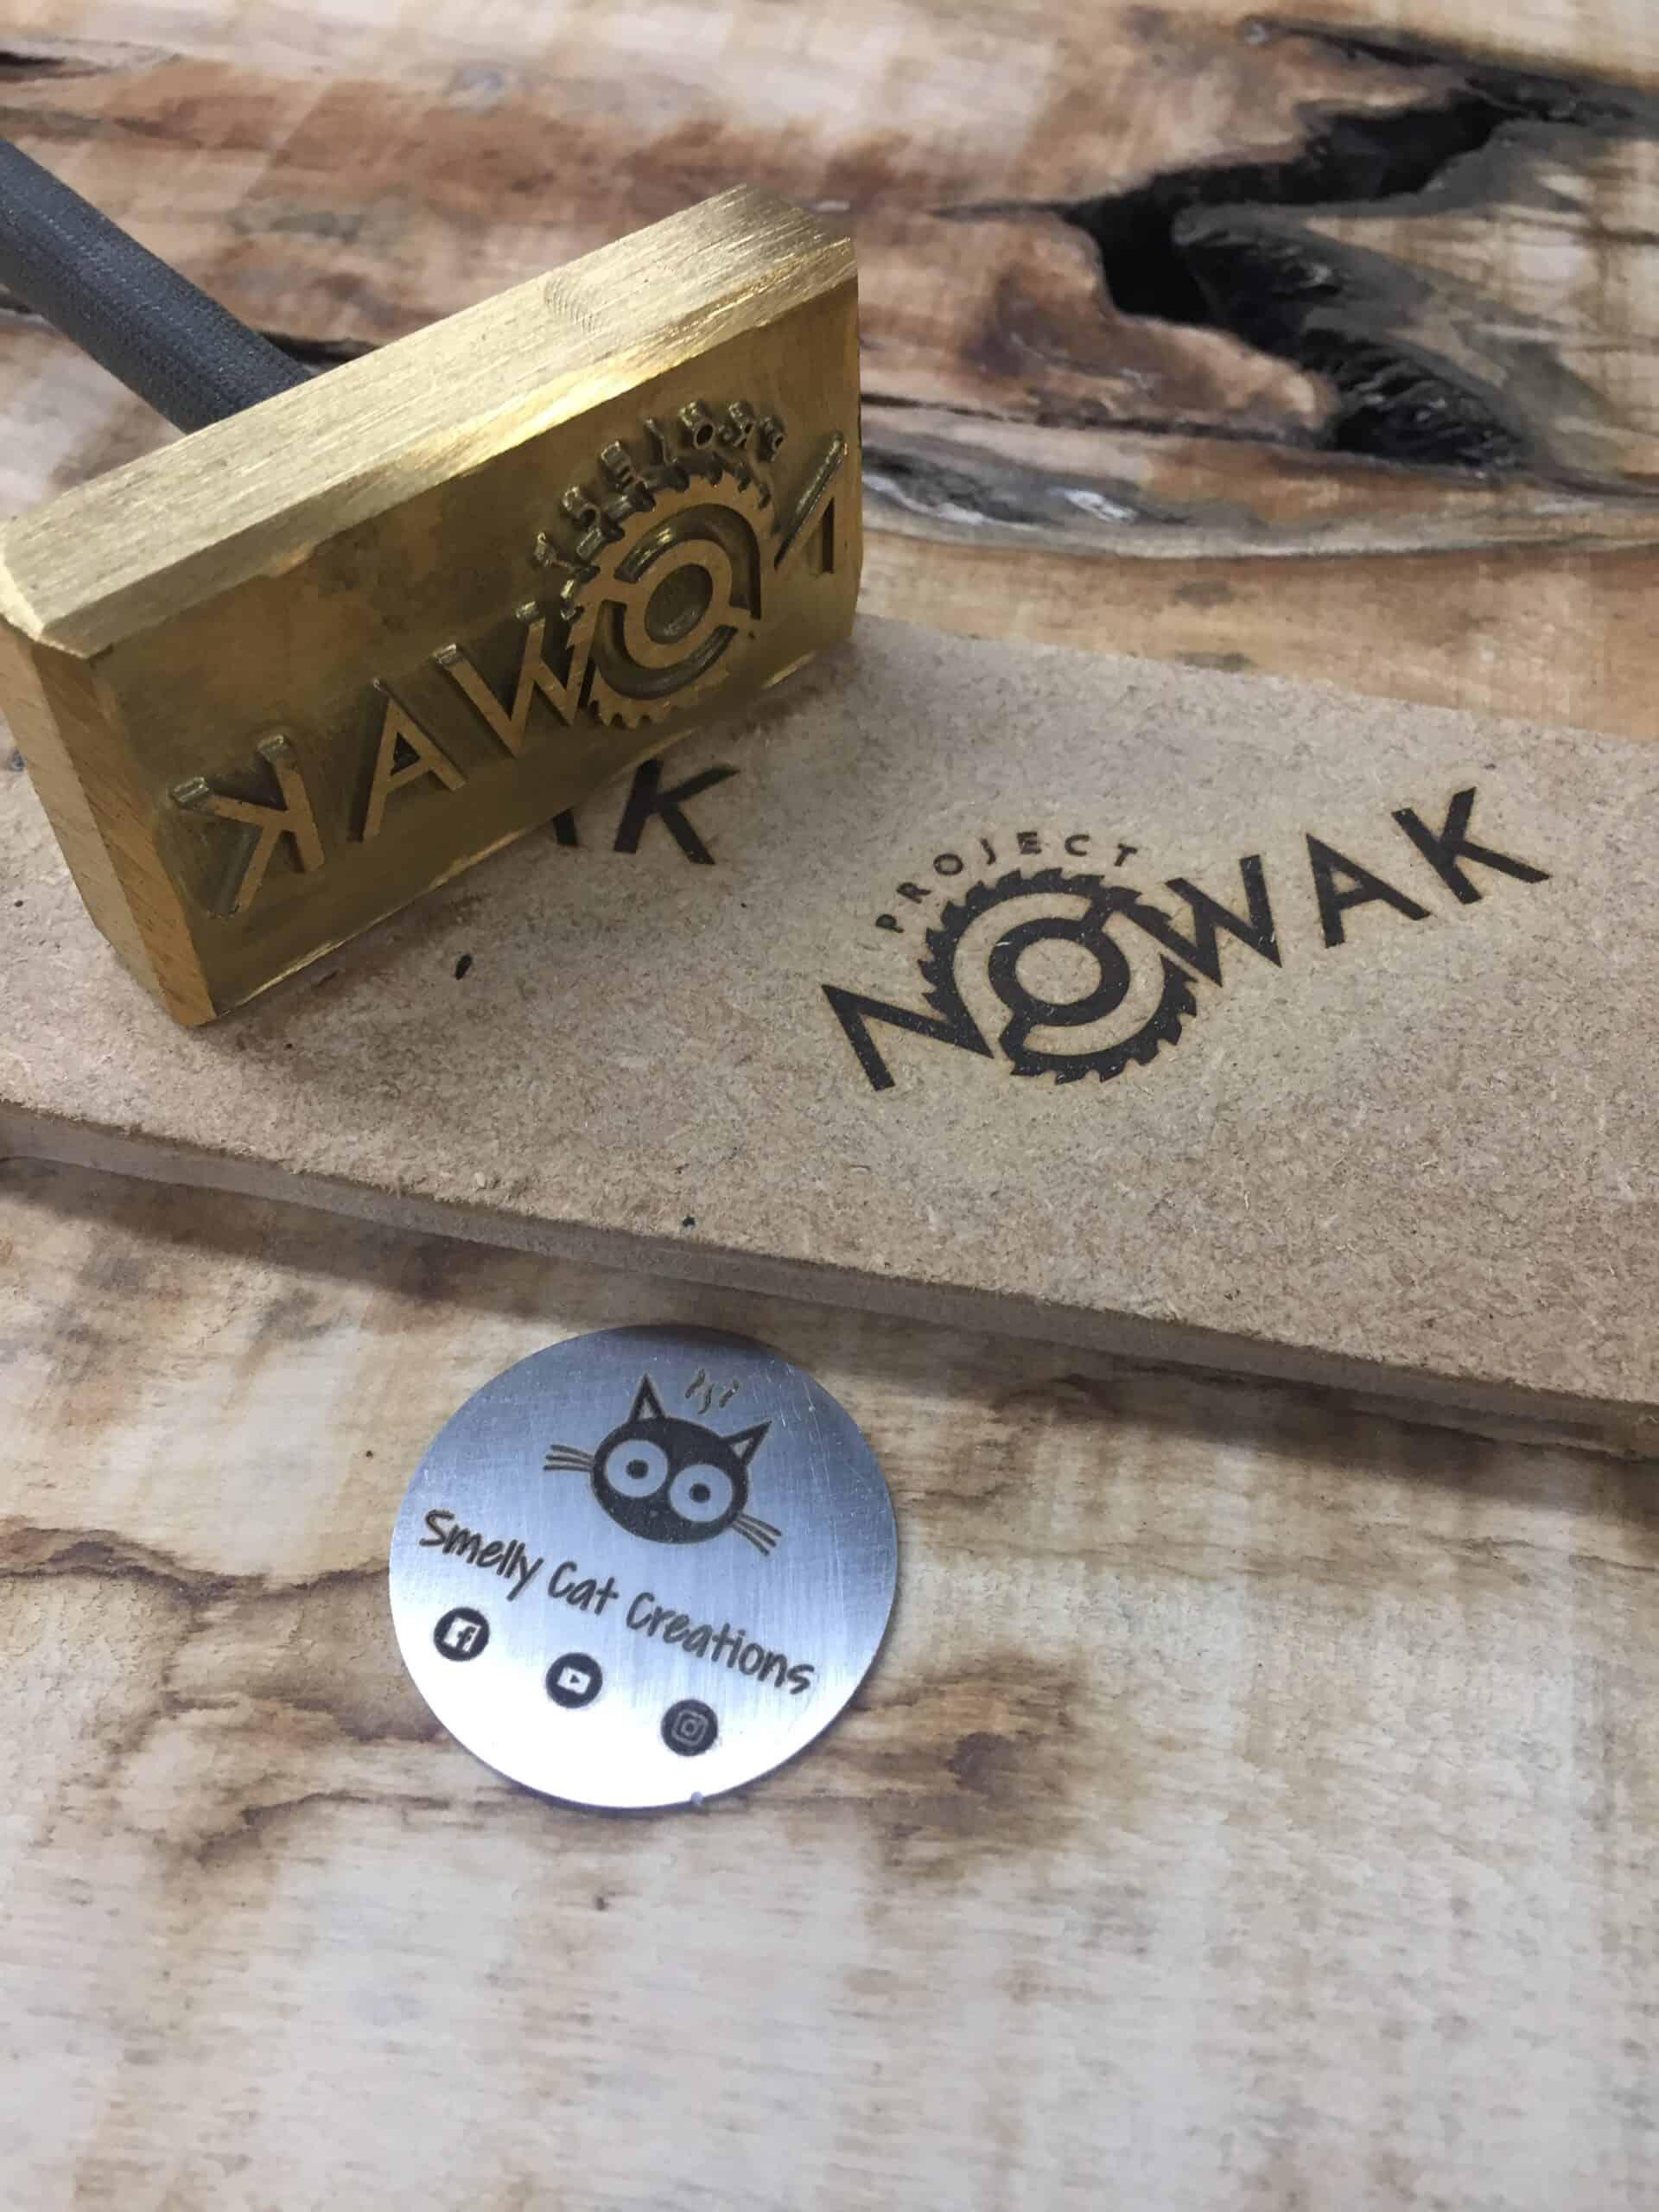 uk made branding iron